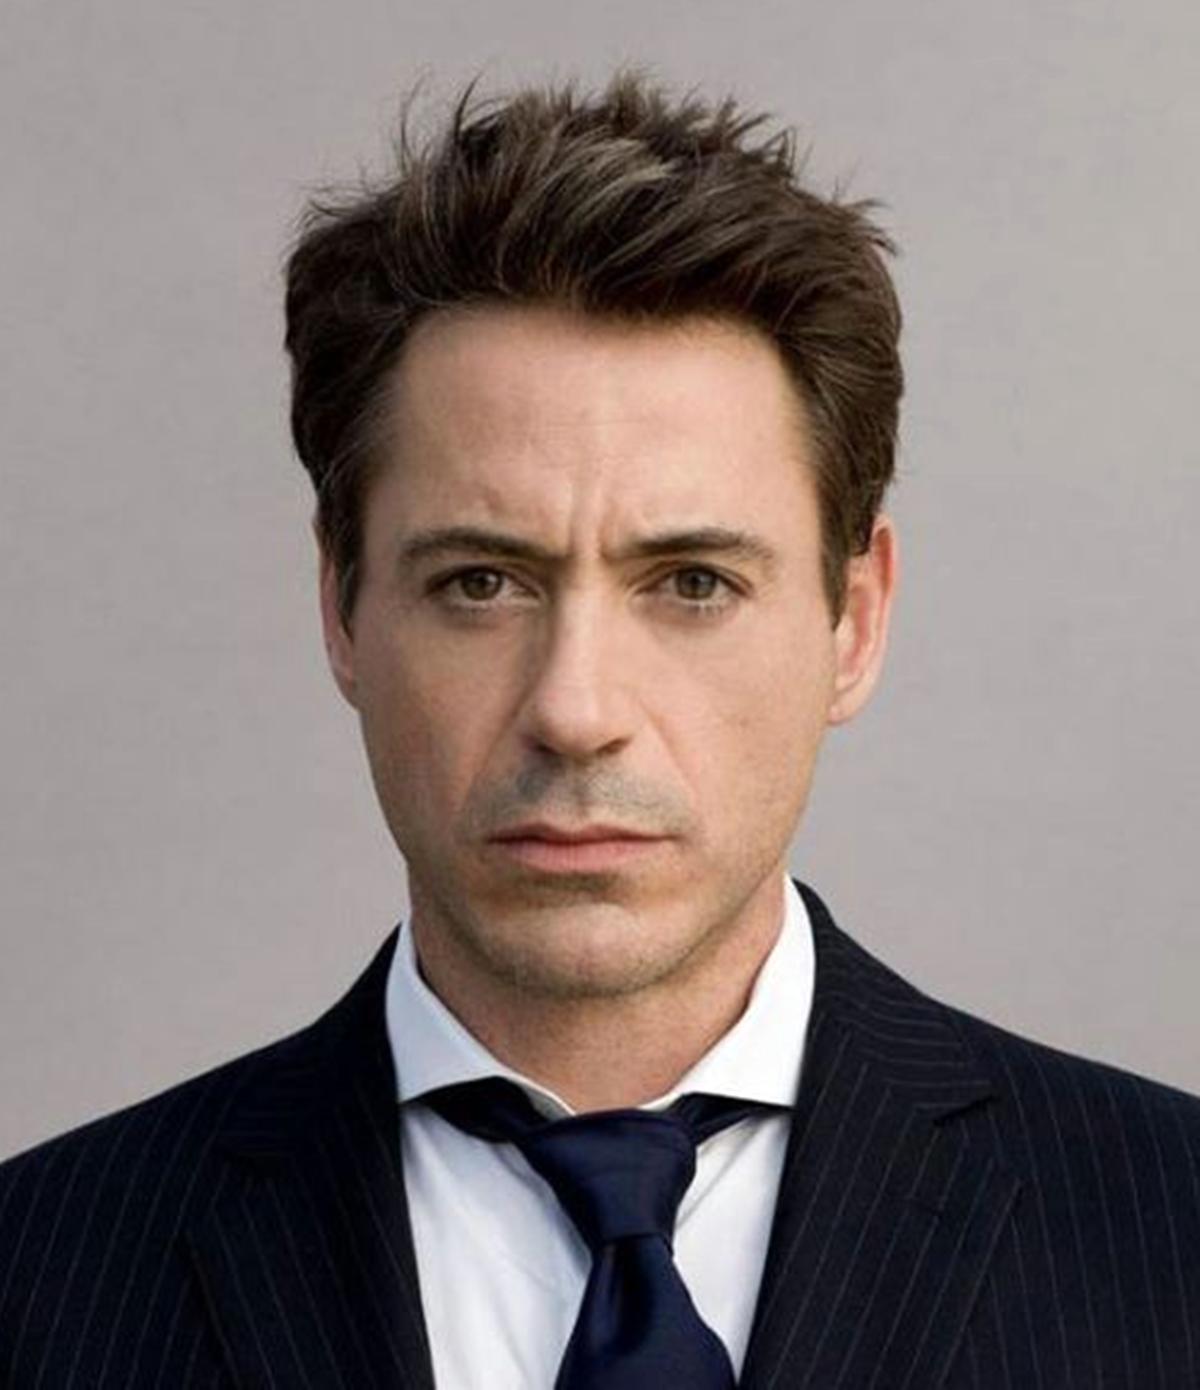 10 10 Celebrities Who Have Battled Drug Addiction